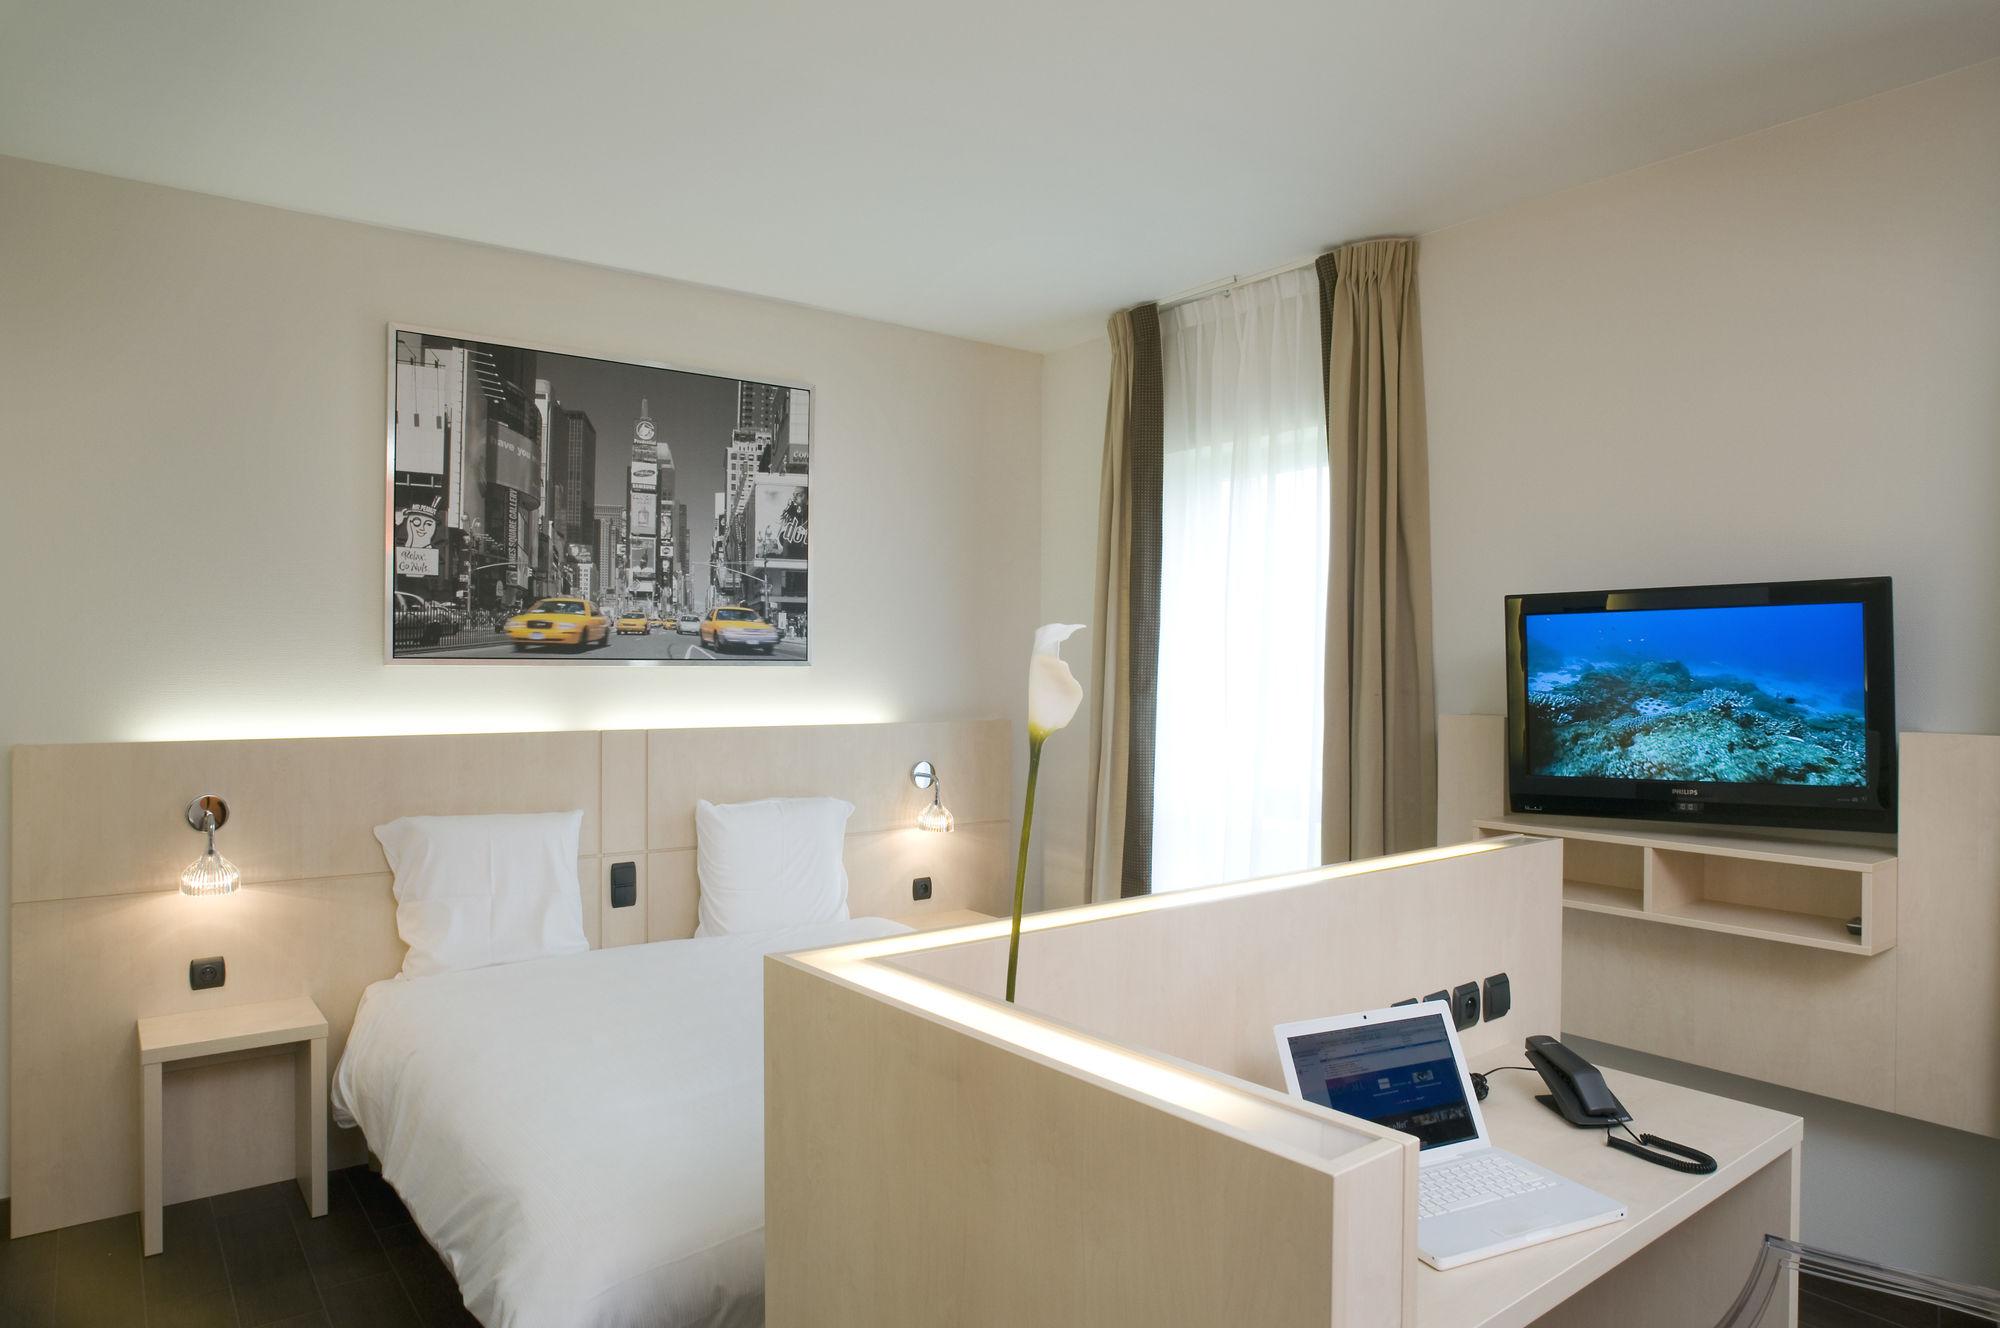 Hotel meubilair hotel textiel interieur decoratie voor hotels